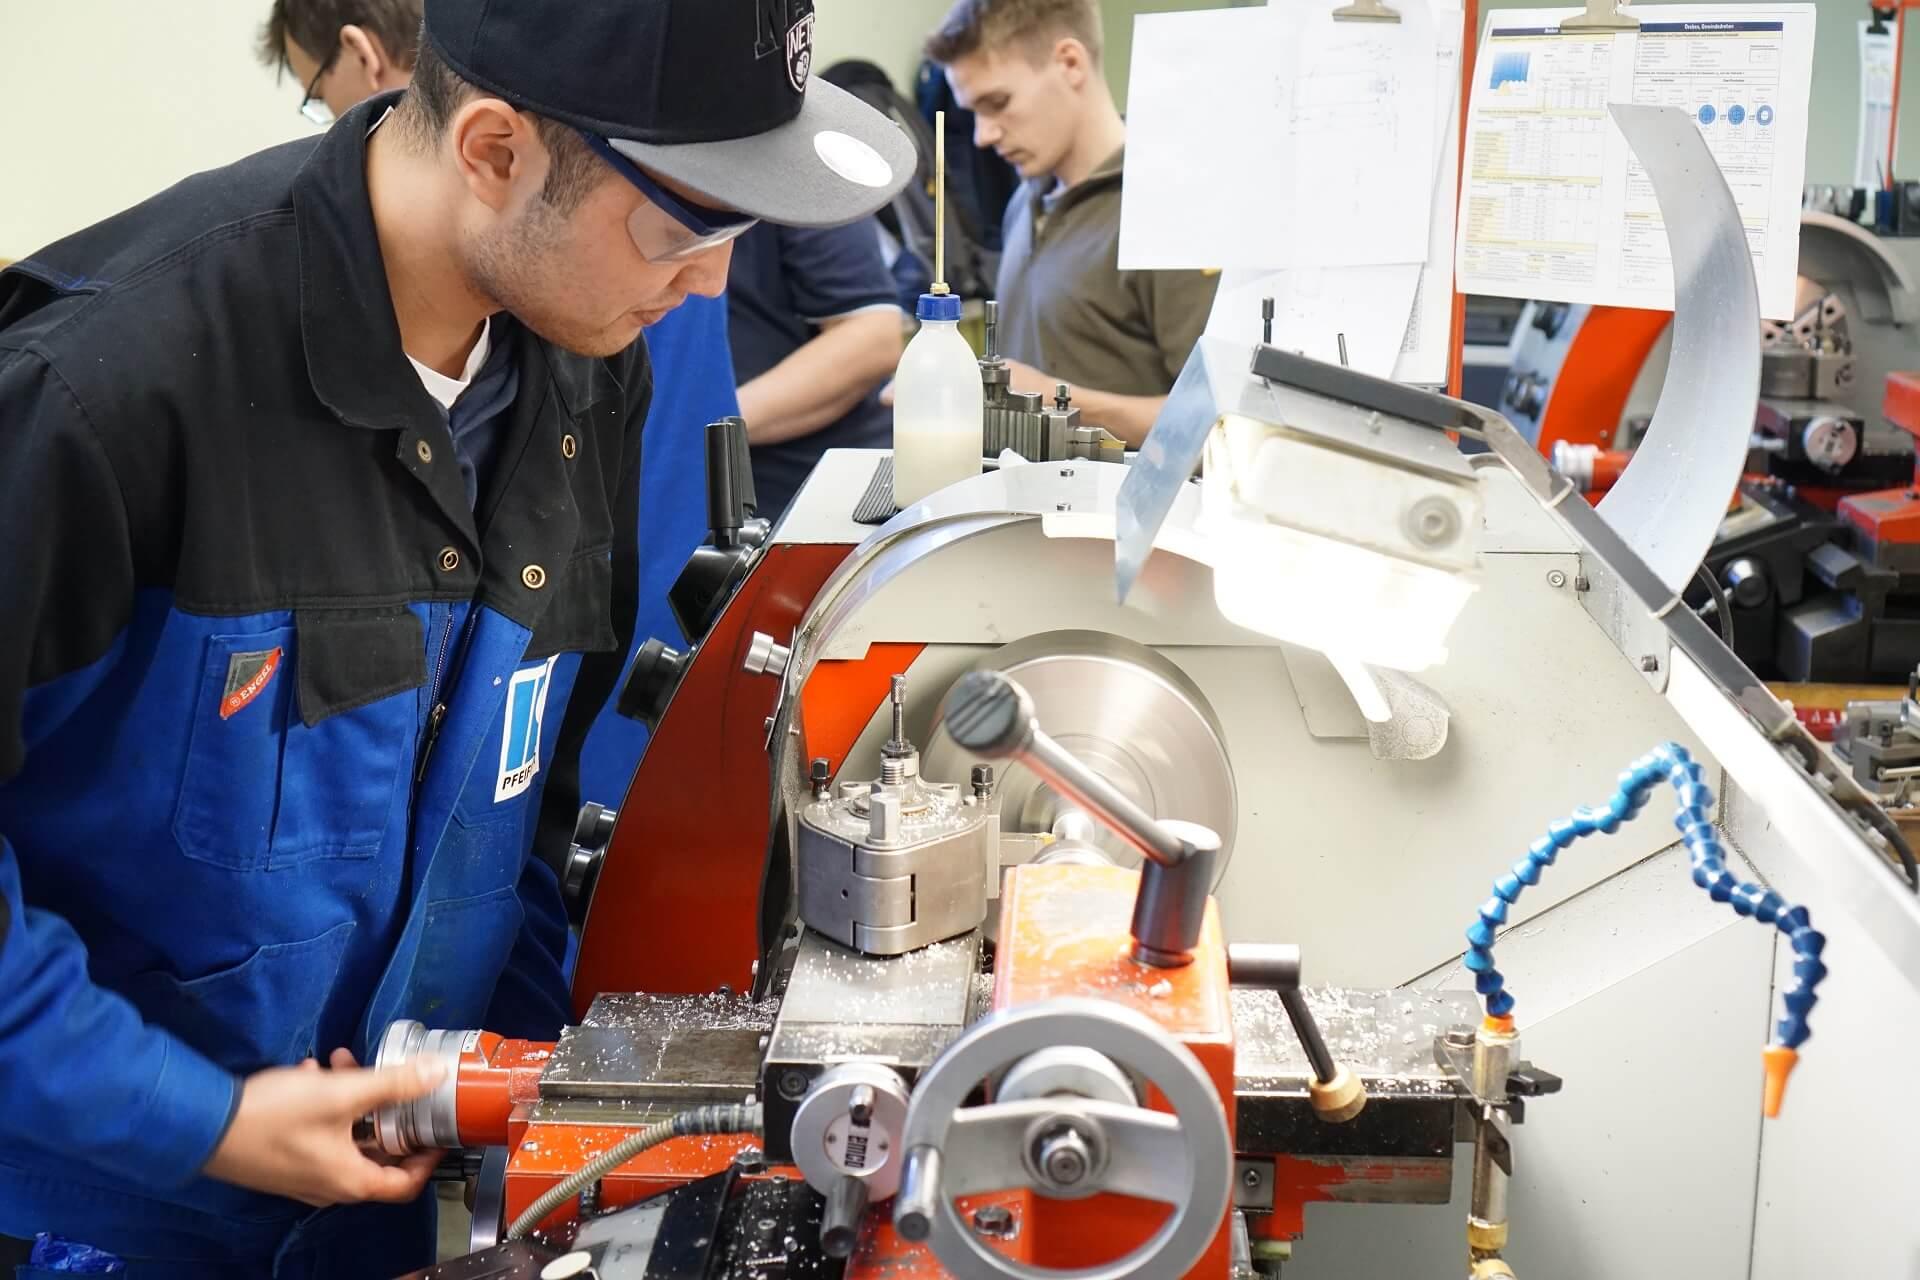 Mit der Umschulung Industriemechaniker zum neuen IHK-Berufsabschluss